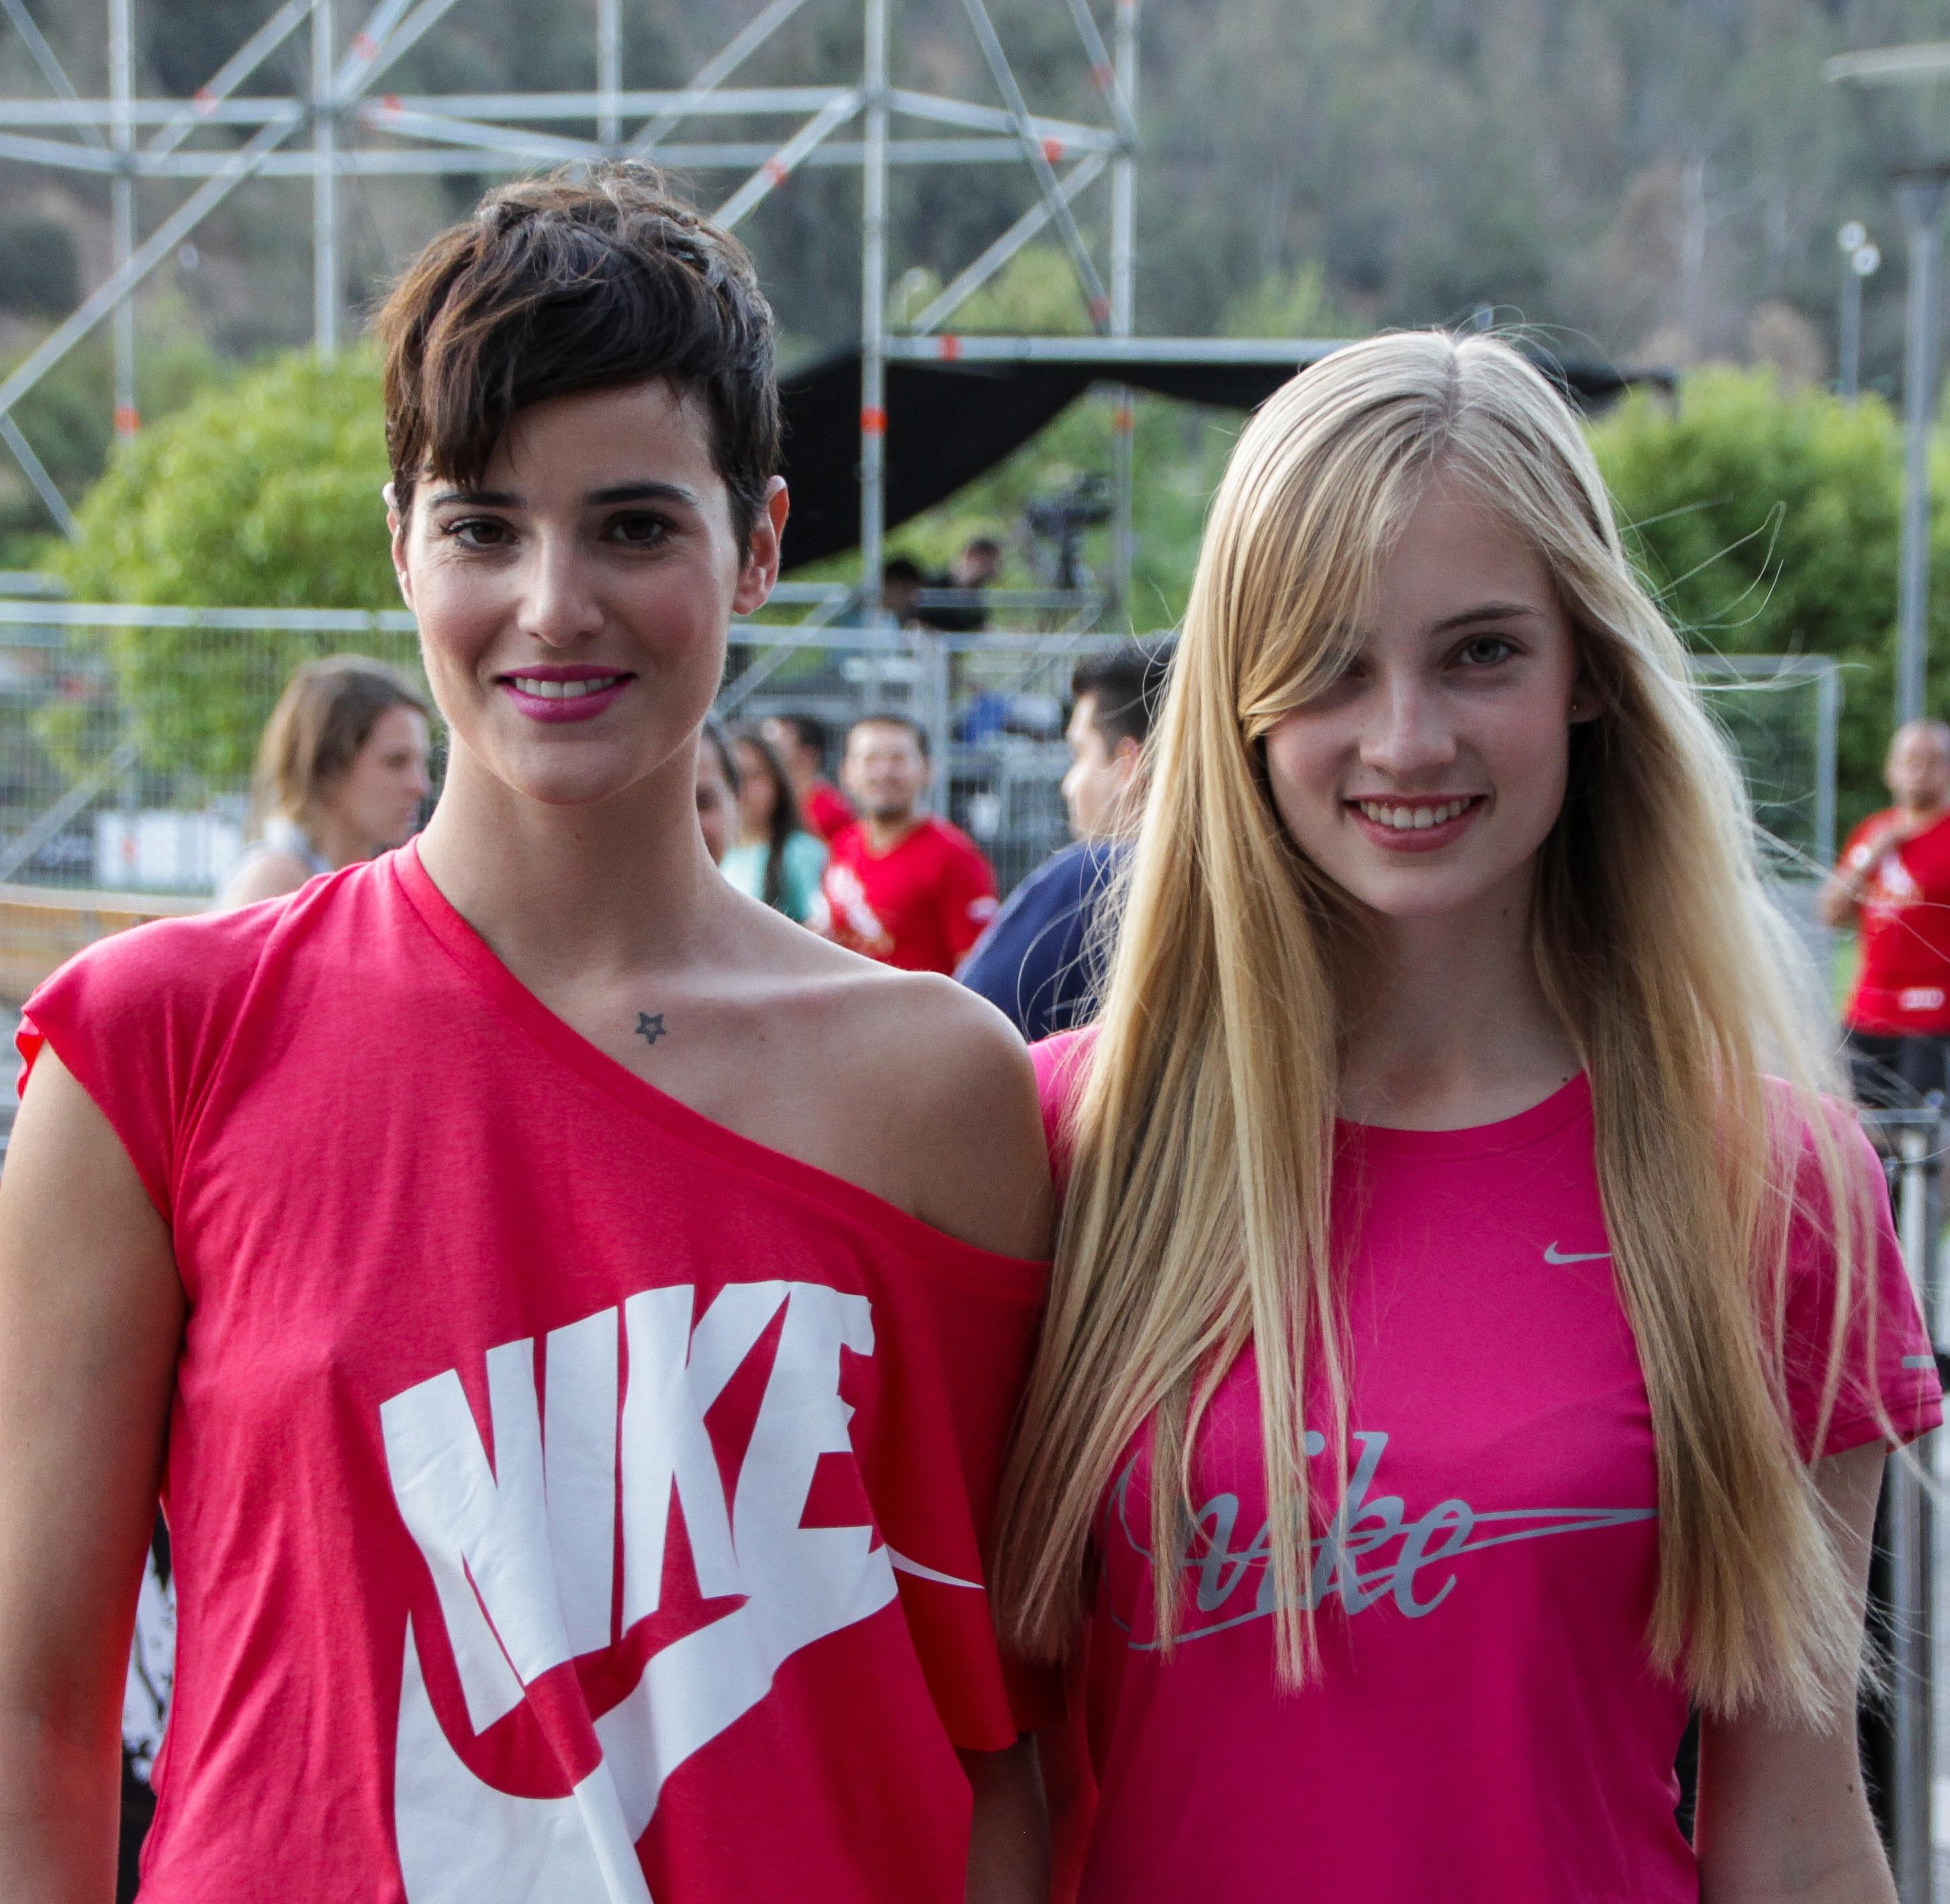 Nike / We Run 2013